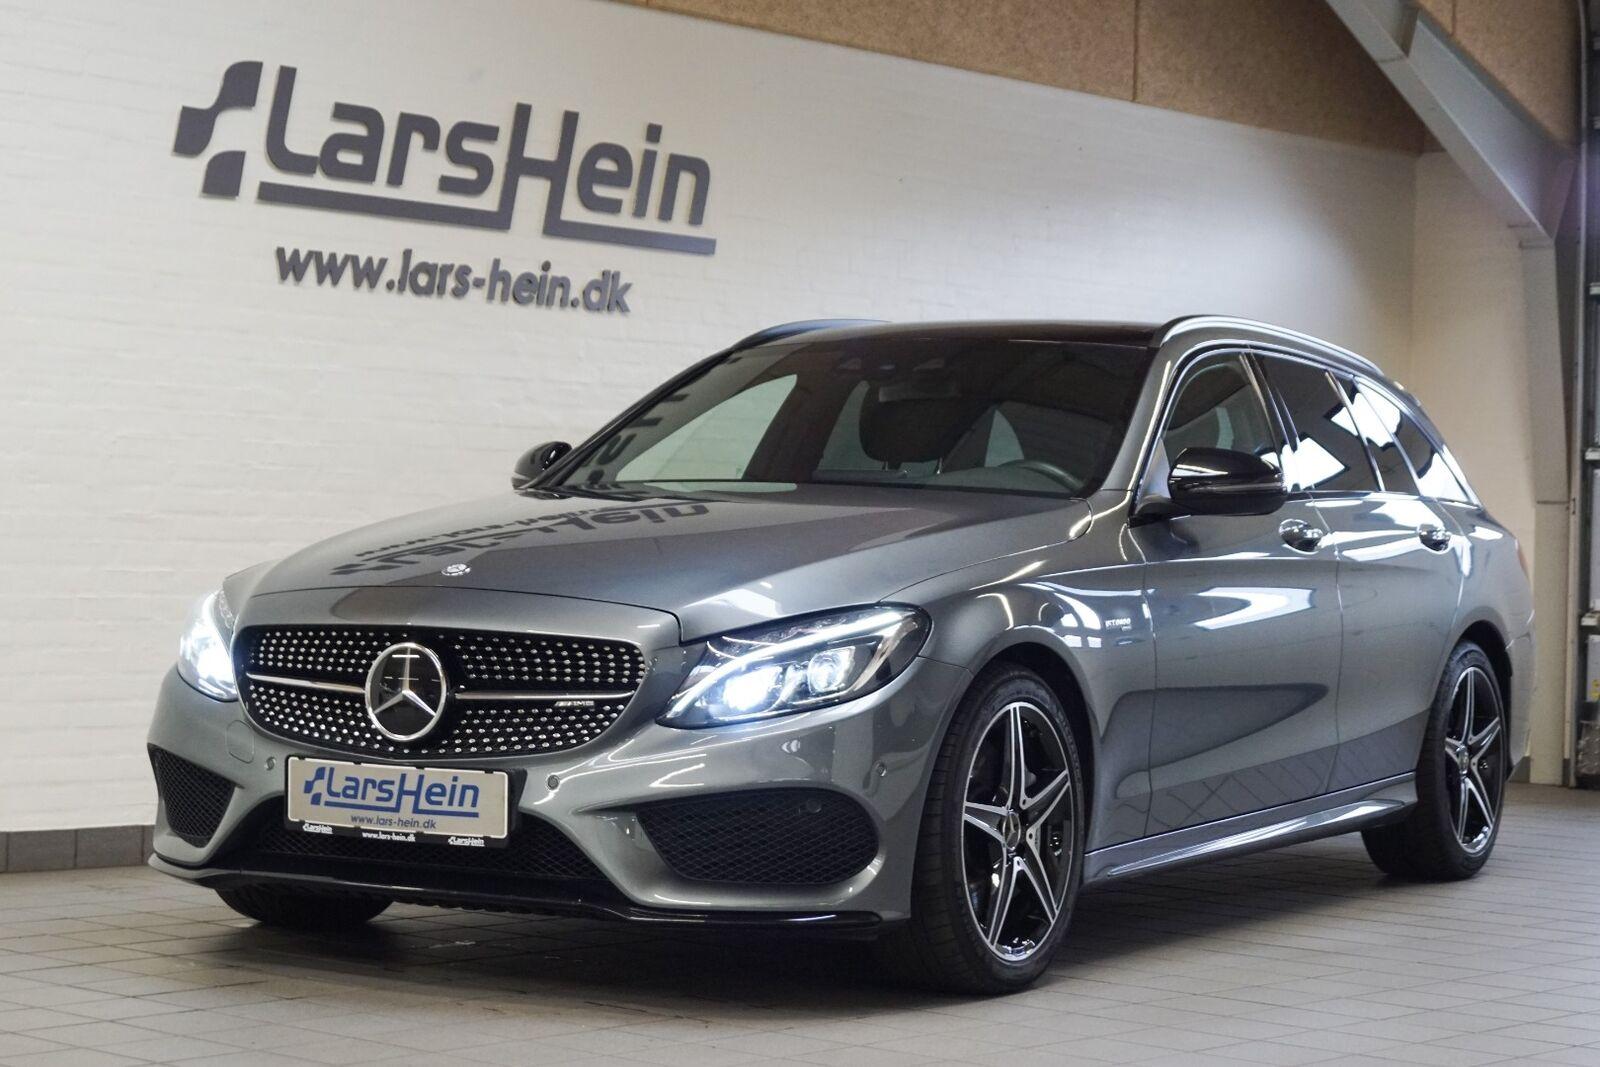 Mercedes C43 3,0 AMG stc. aut. 4-M 5d - 649.800 kr.